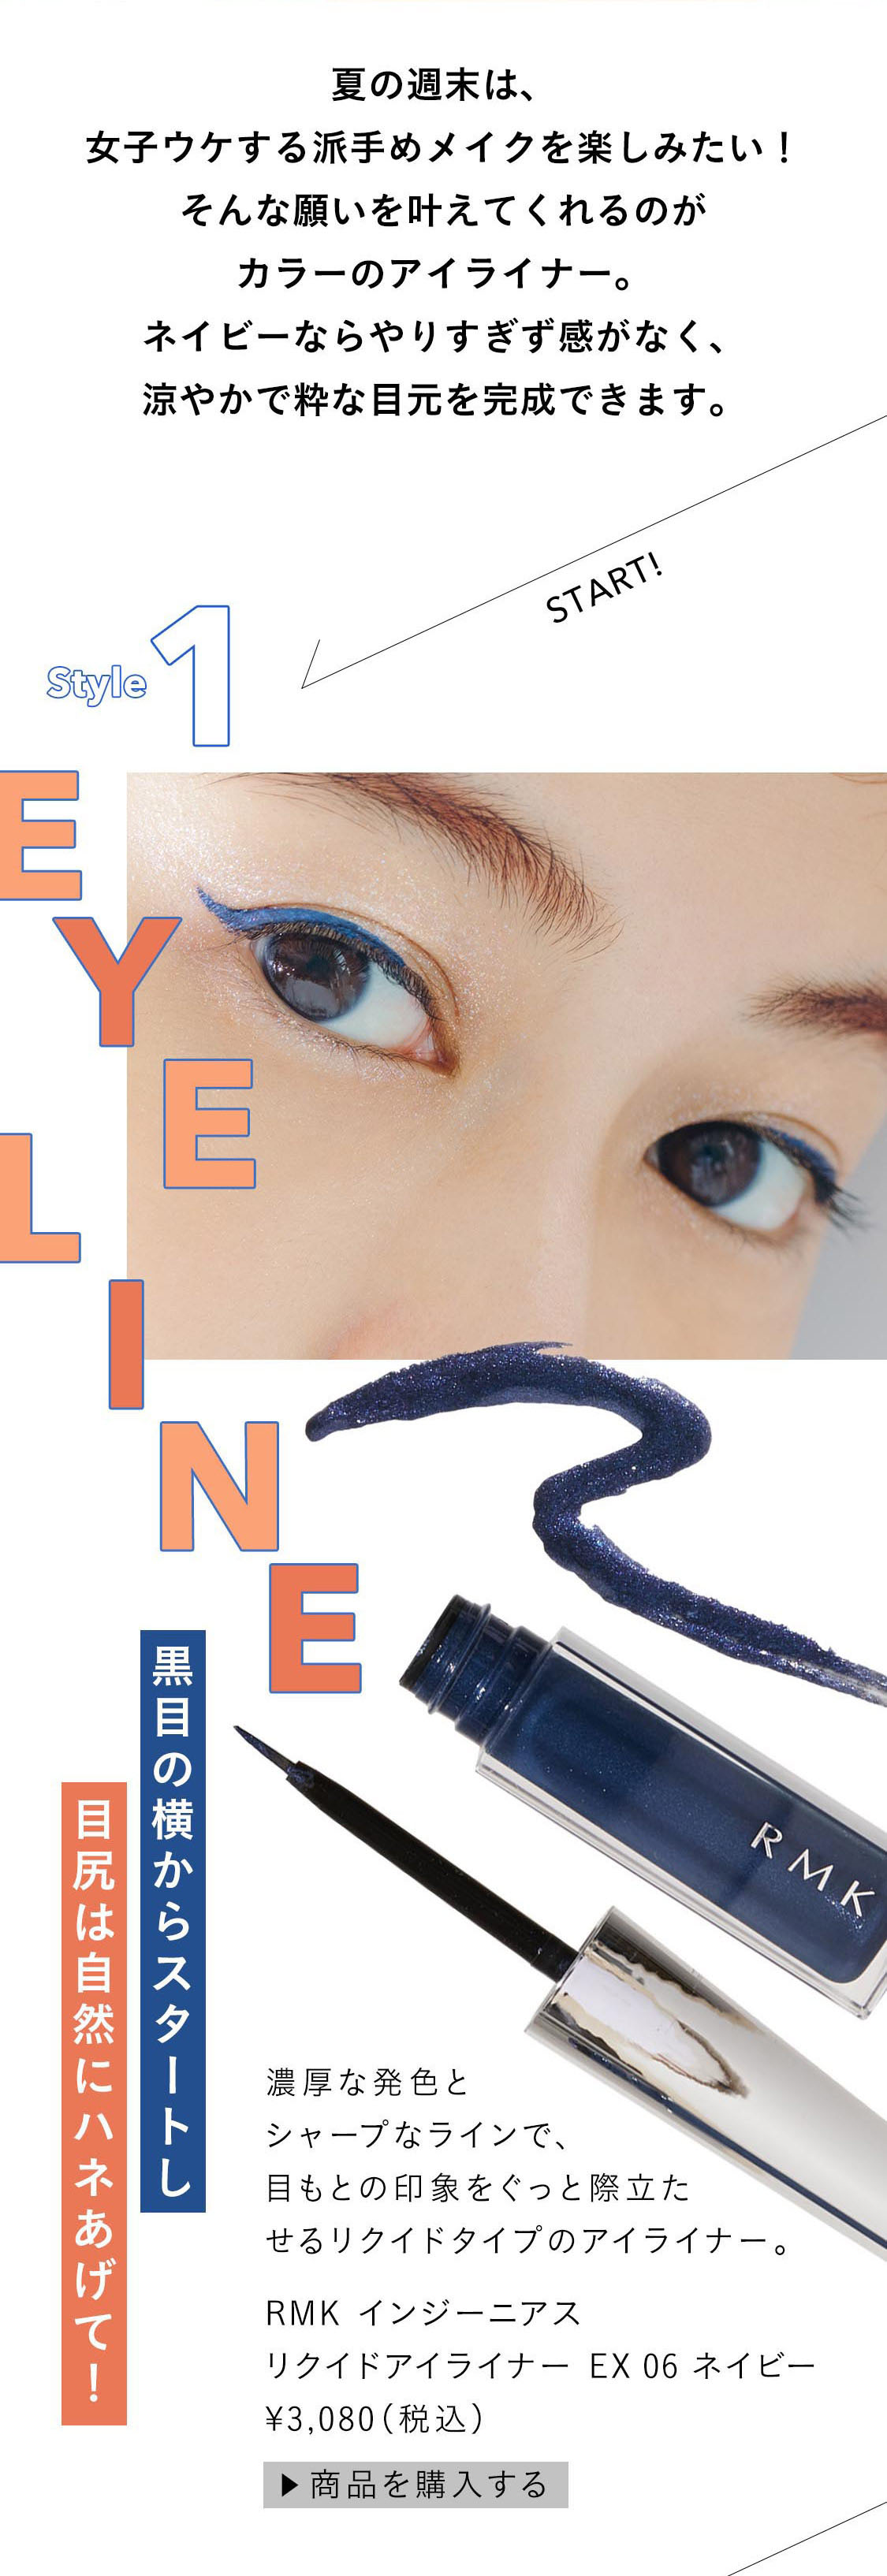 濃厚な発色とシャープなラインで、目もとの印象をぐっと際立たせるリクイドタイプのアイライナー。